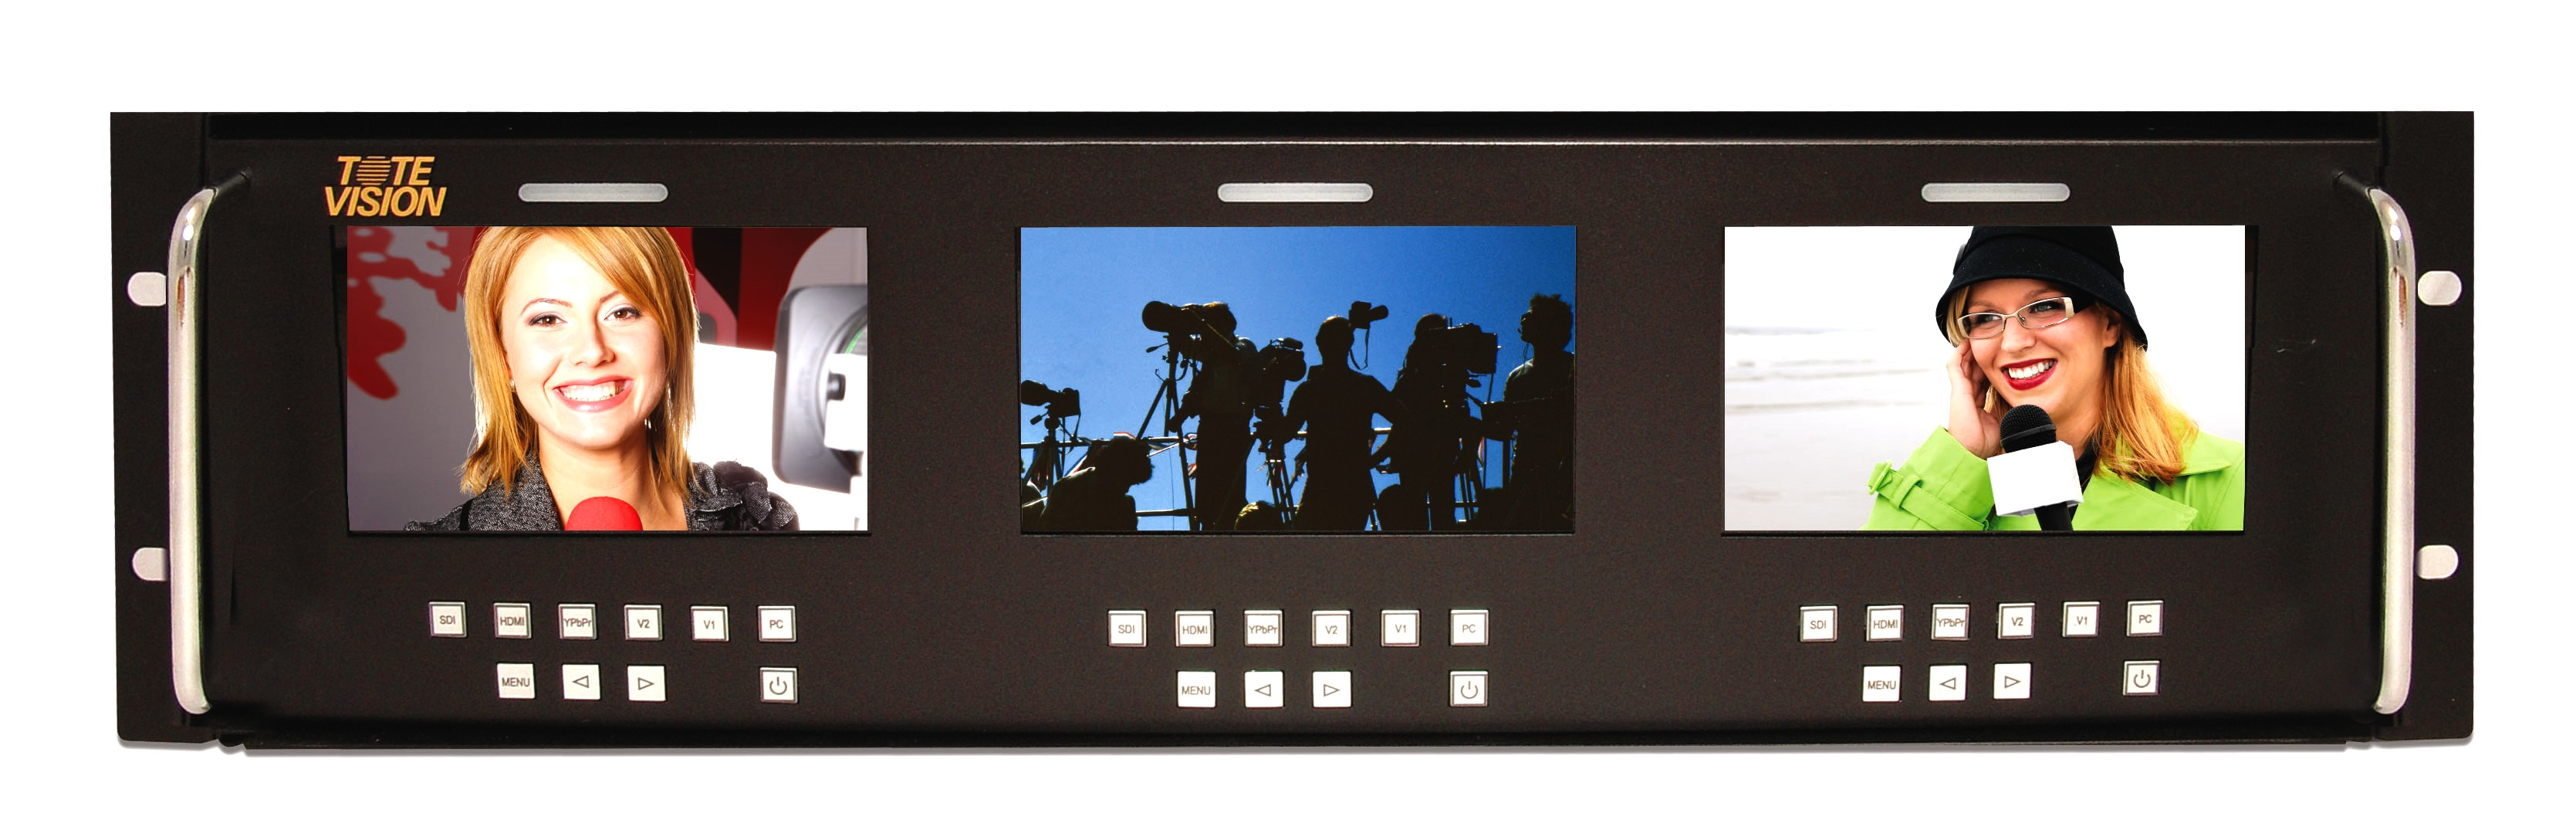 Artikelfoto ToteVision LED-430x4-3GSDI 4x4 Zoll Rackmount Monitor